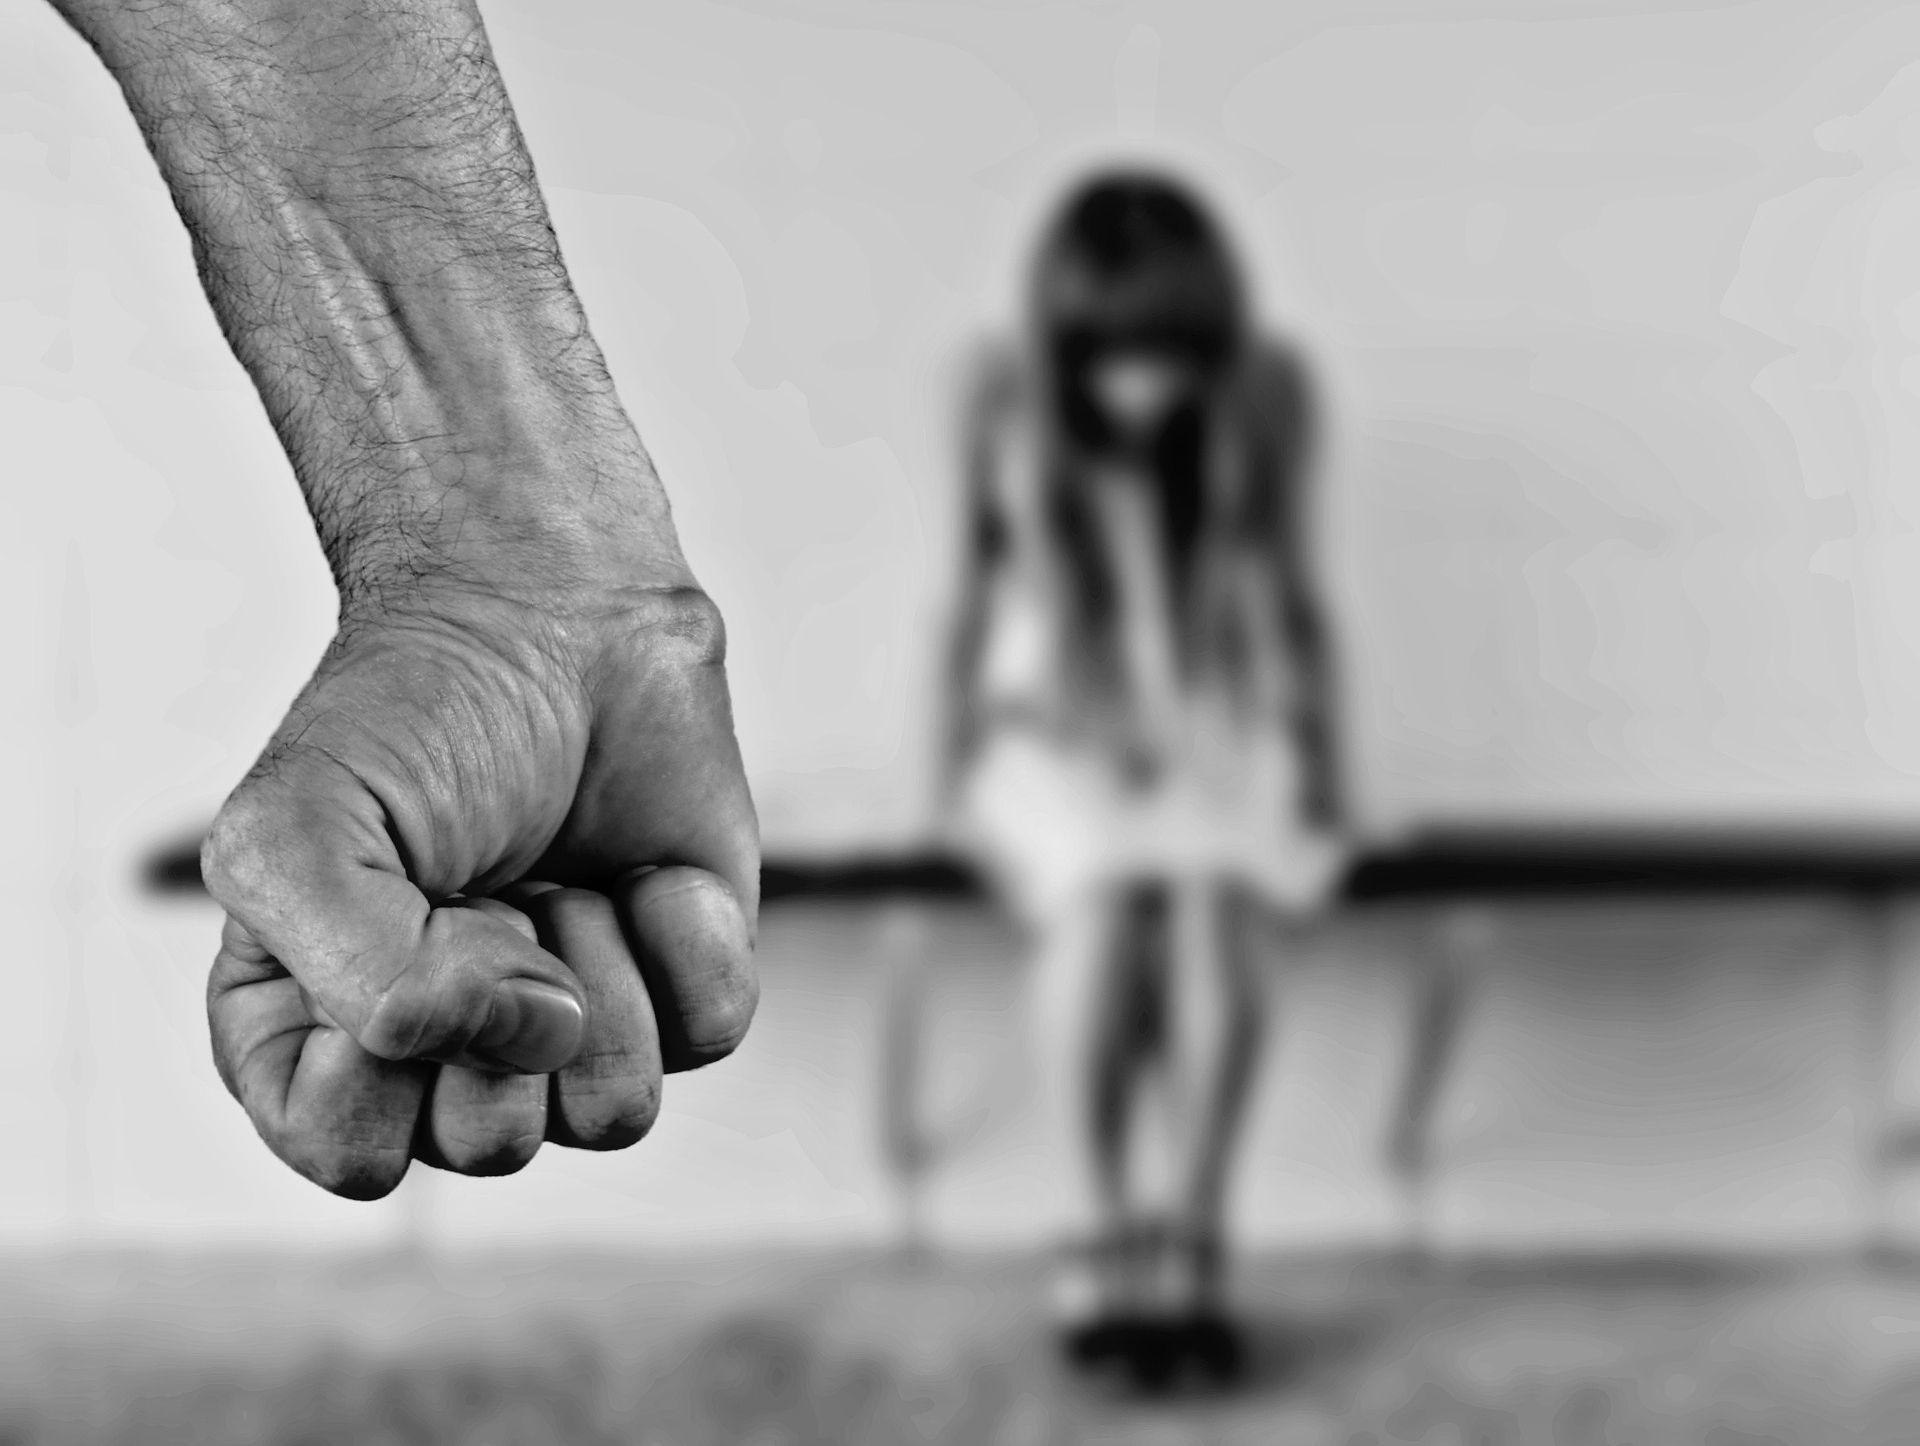 ZADRANIN 16 GODINA SILOVAO VLASTITU KĆER I S NJOM DOBIO DIJETE Osuđen na 40 godina zatvora